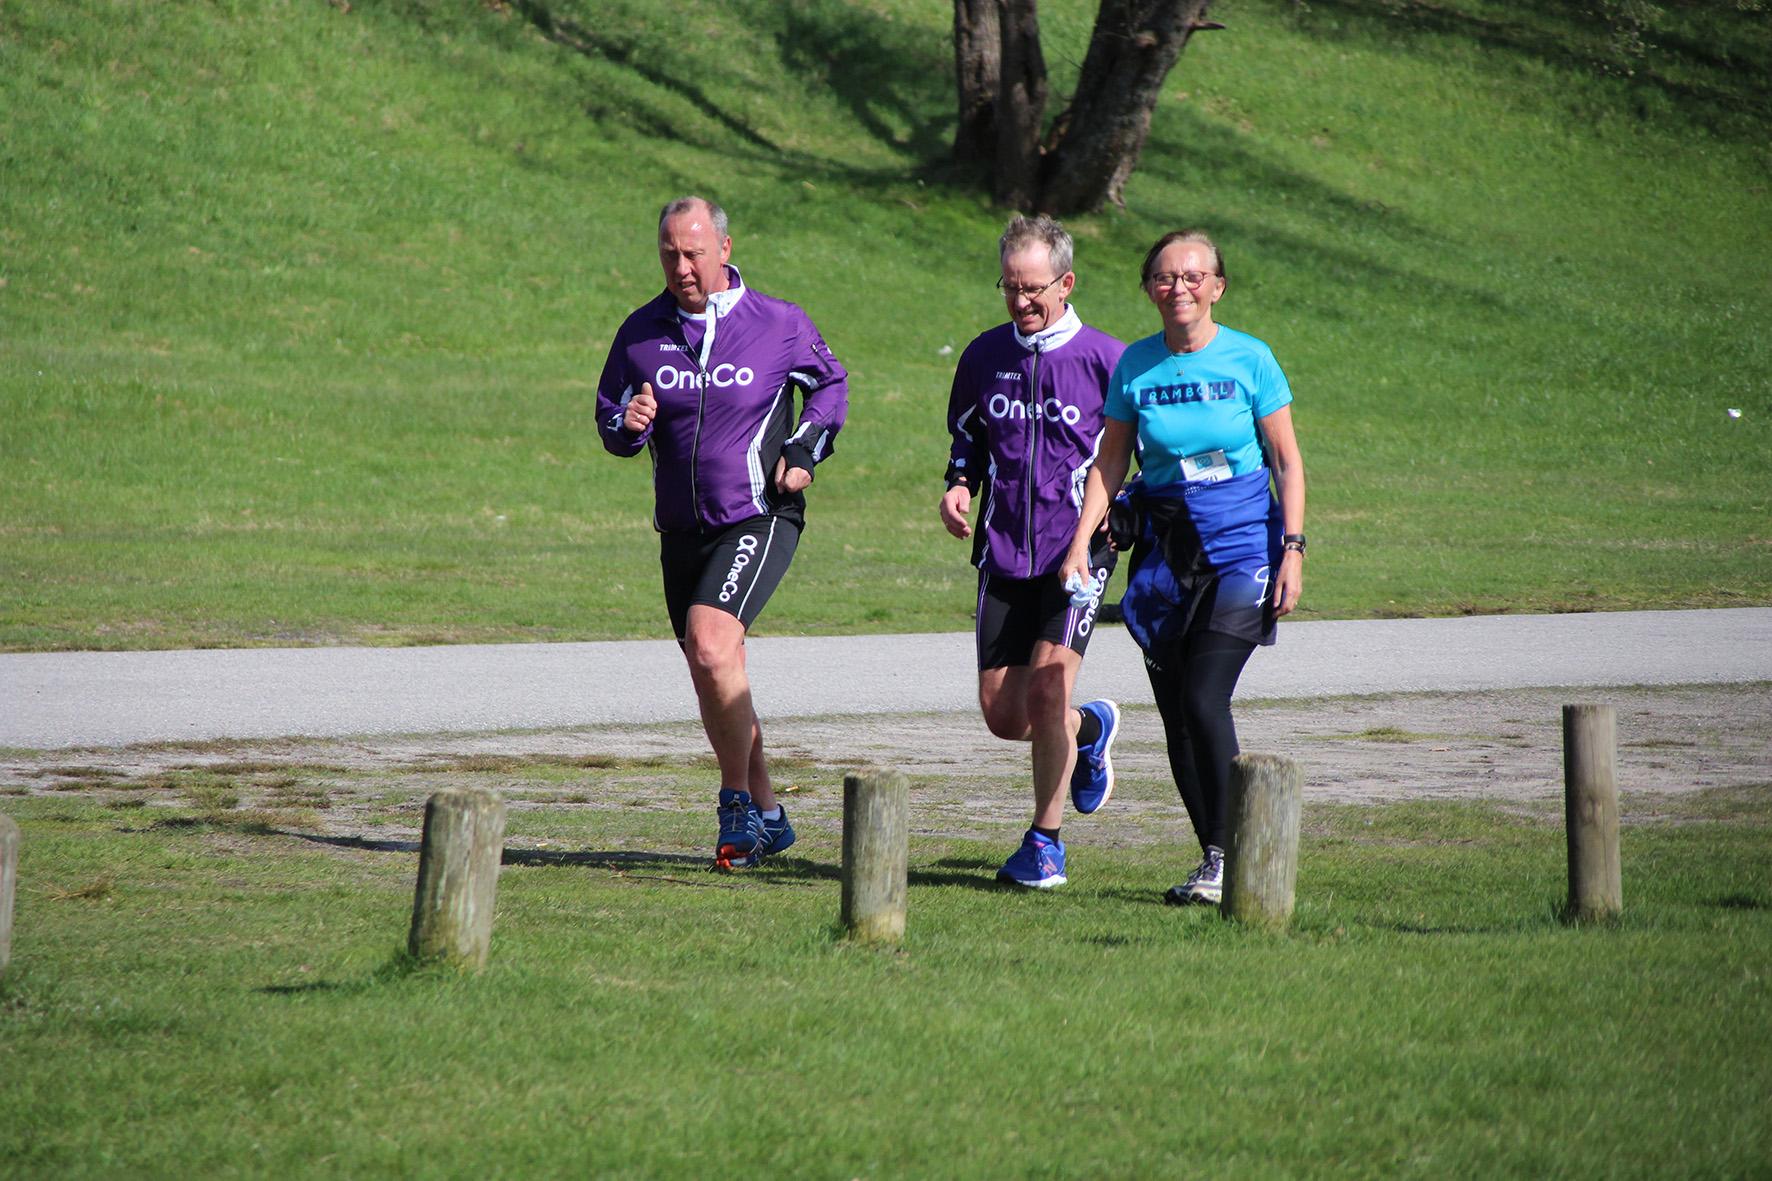 Nr.10 Karusell Løp 13 Juni – Jegersberg V/ Grønn Slette – Hennig Olsen Is Løpet